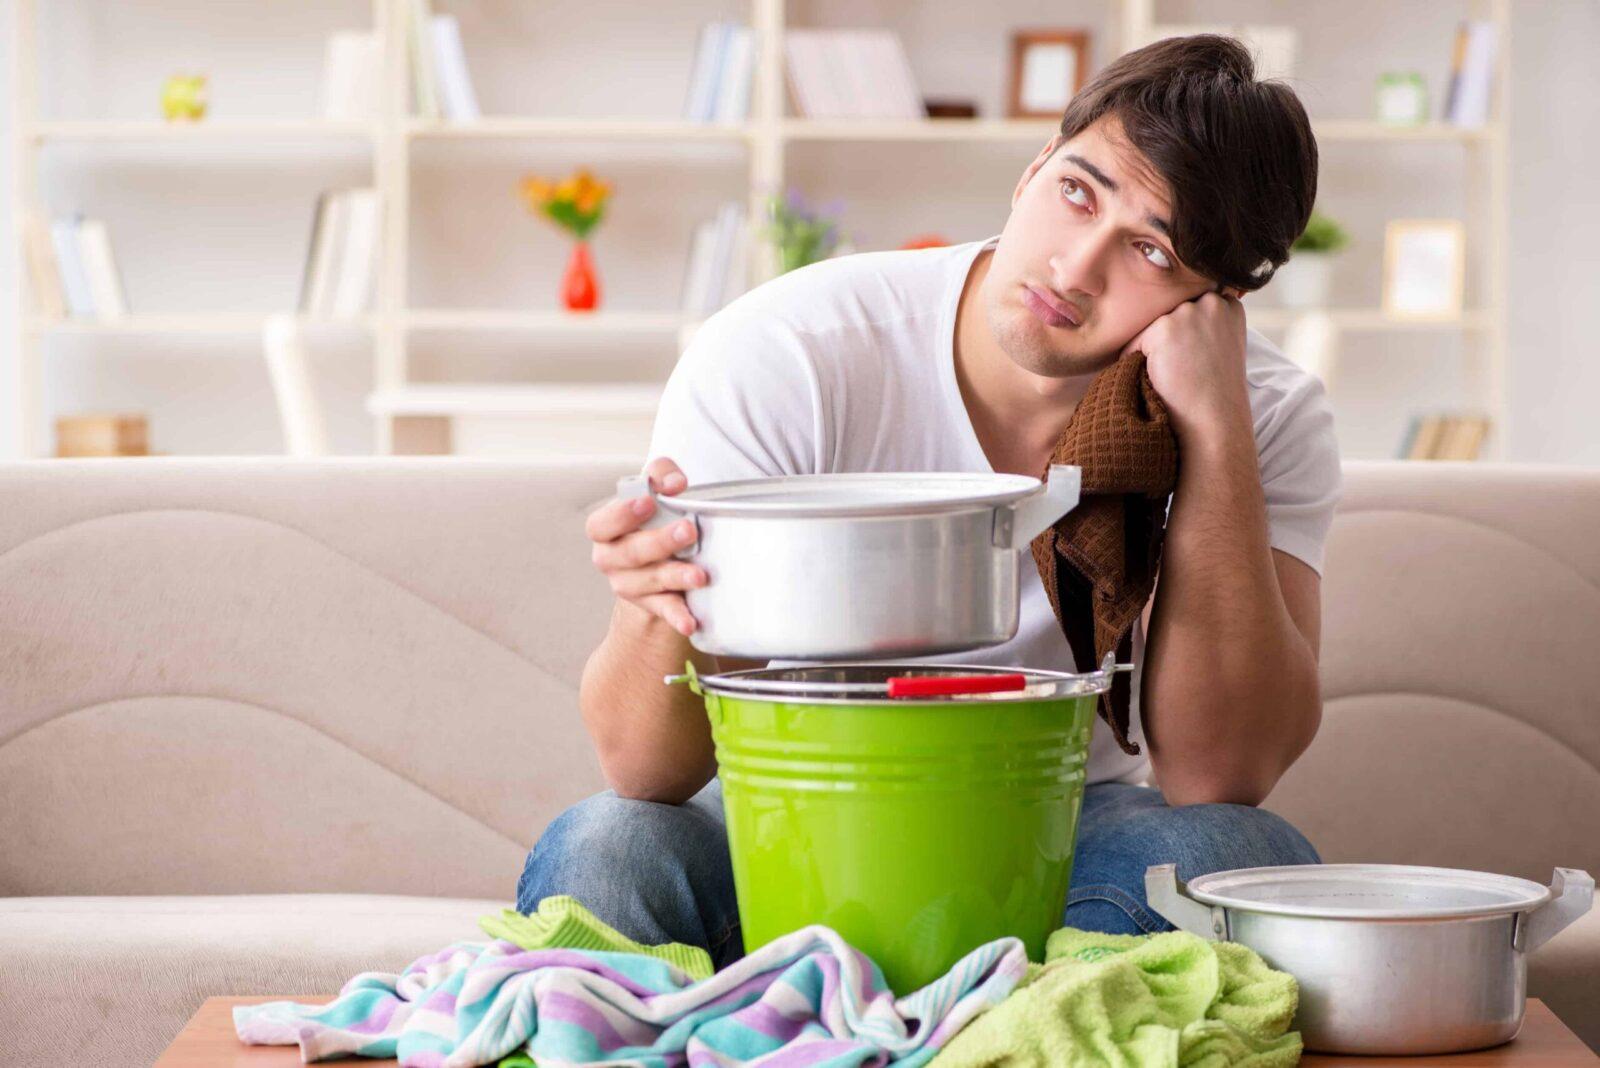 איתור נזילות מים בבית